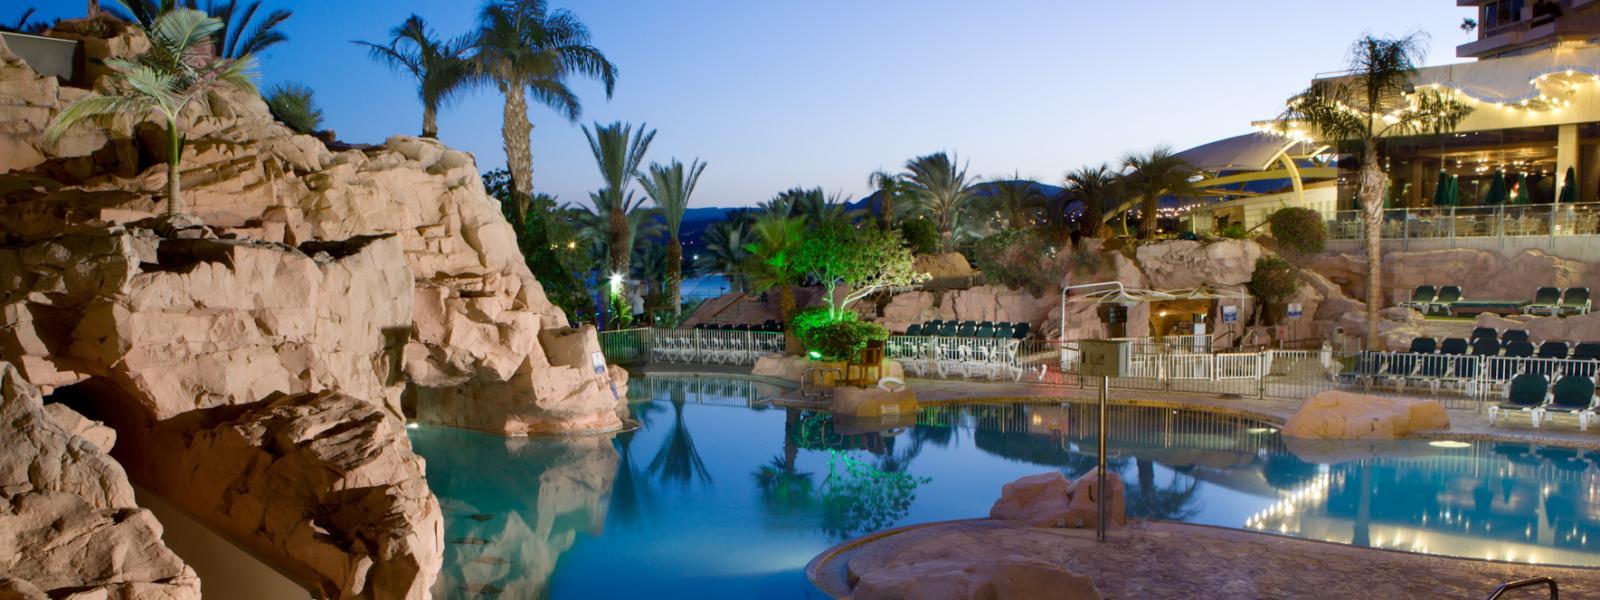 Dan Eilat Pool Picture